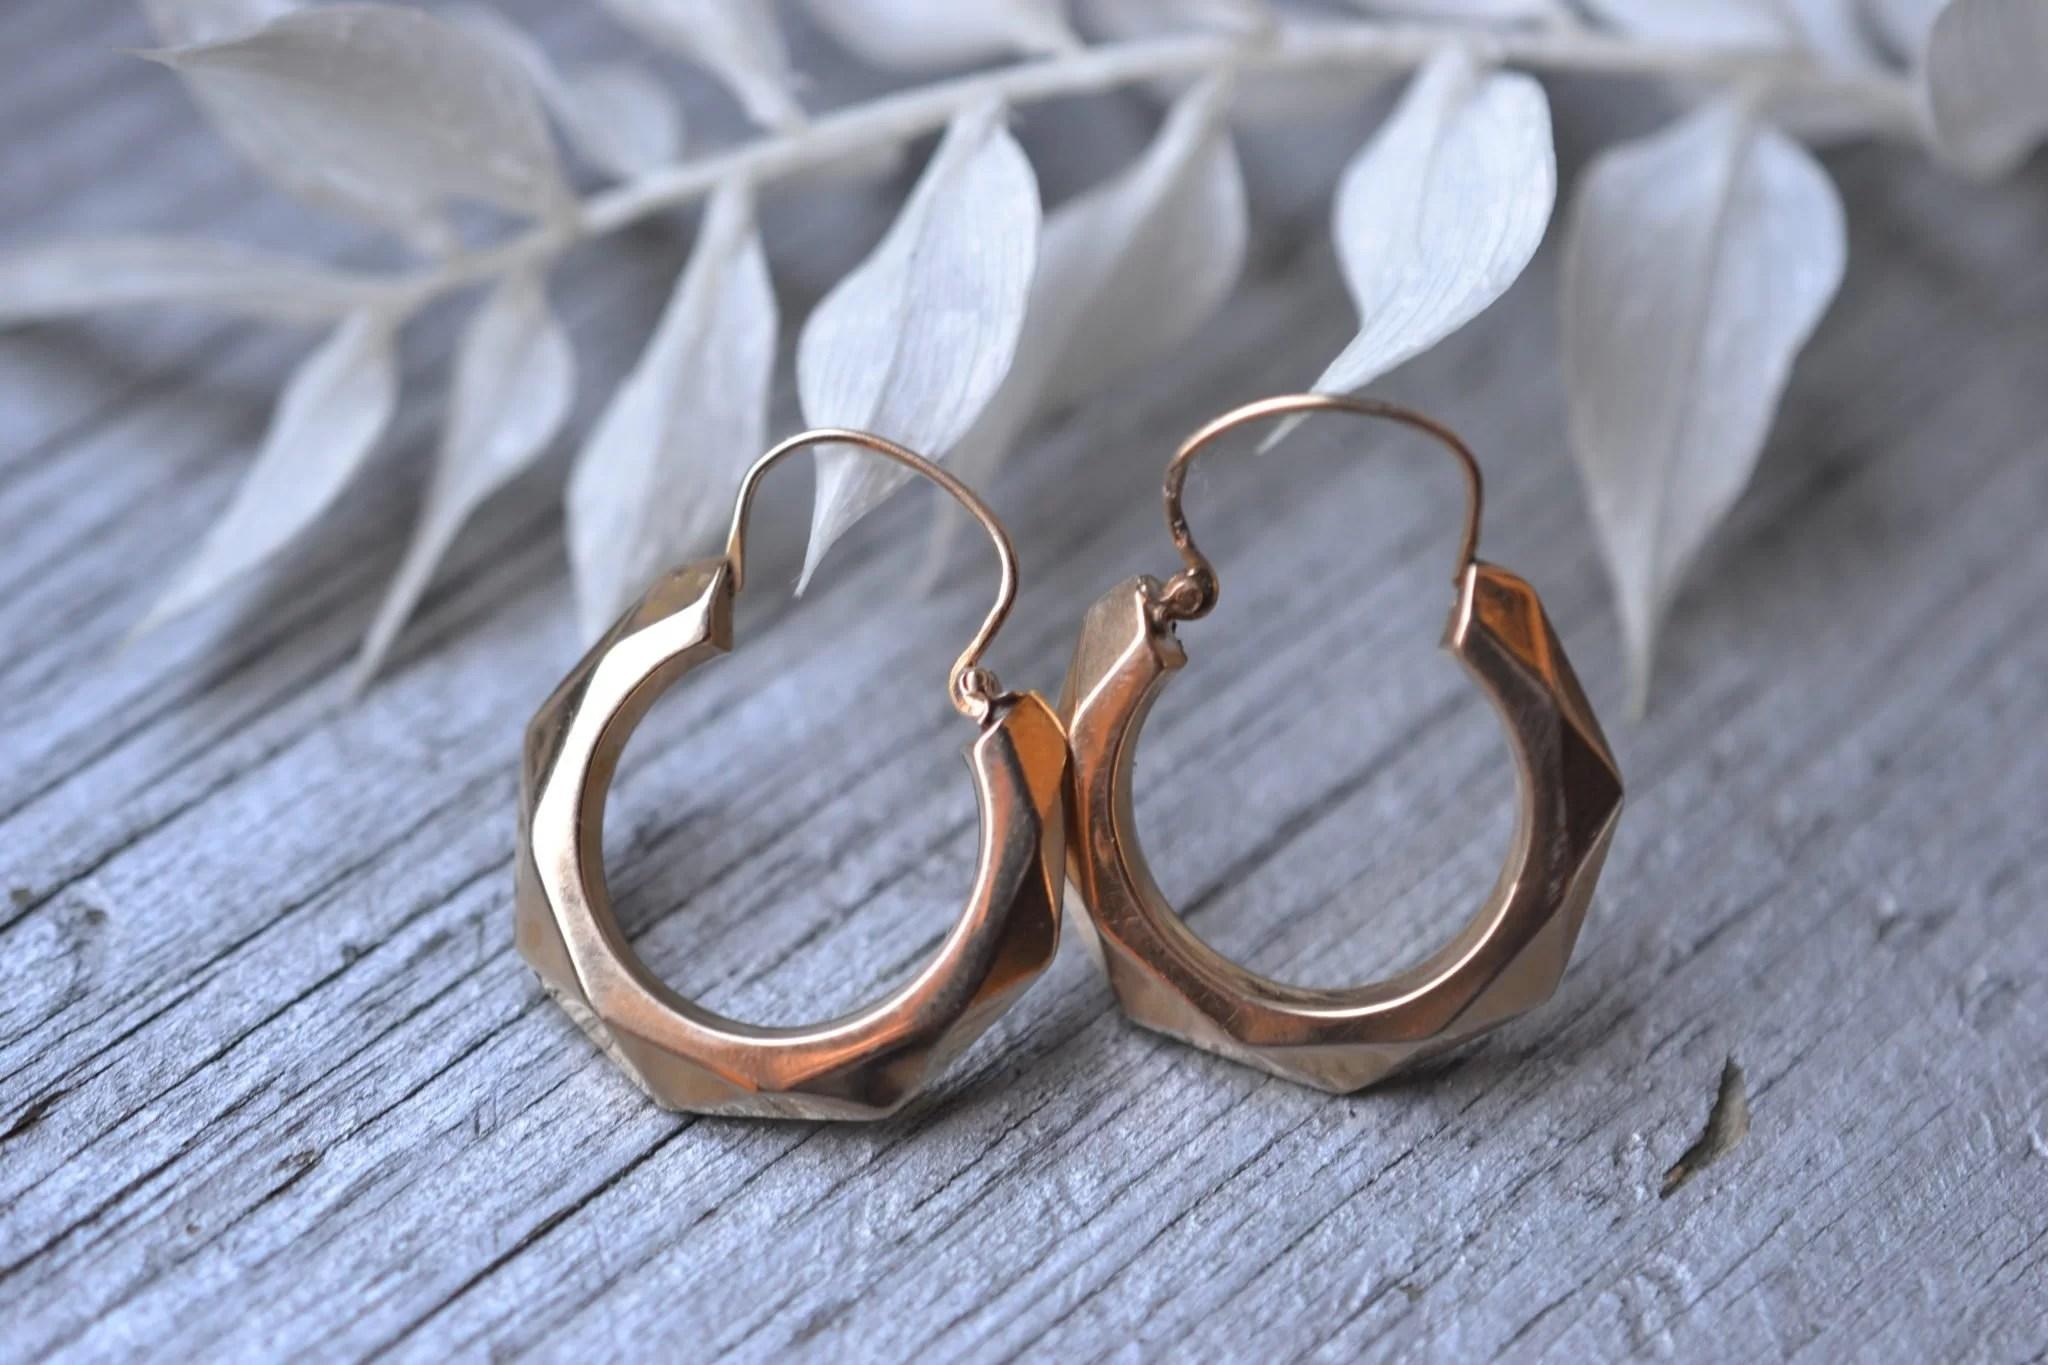 boucles d'oreilles créoles facettées - bijoux anciens - Vintage - en Or 18 carats